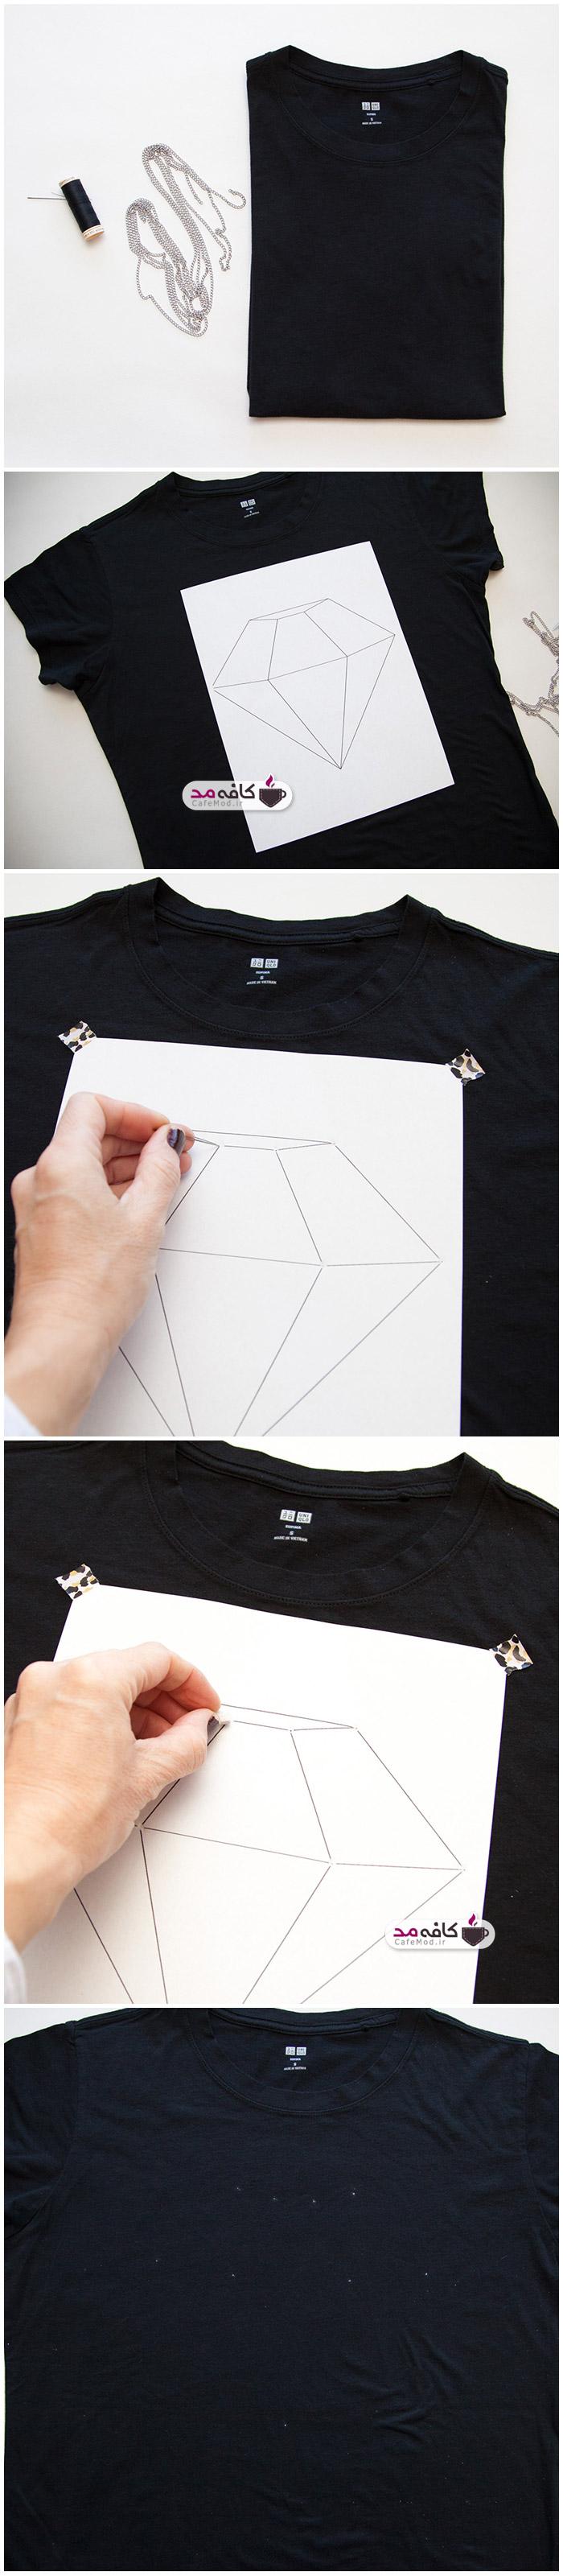 تزئین تیشرت ساده با زنجیر